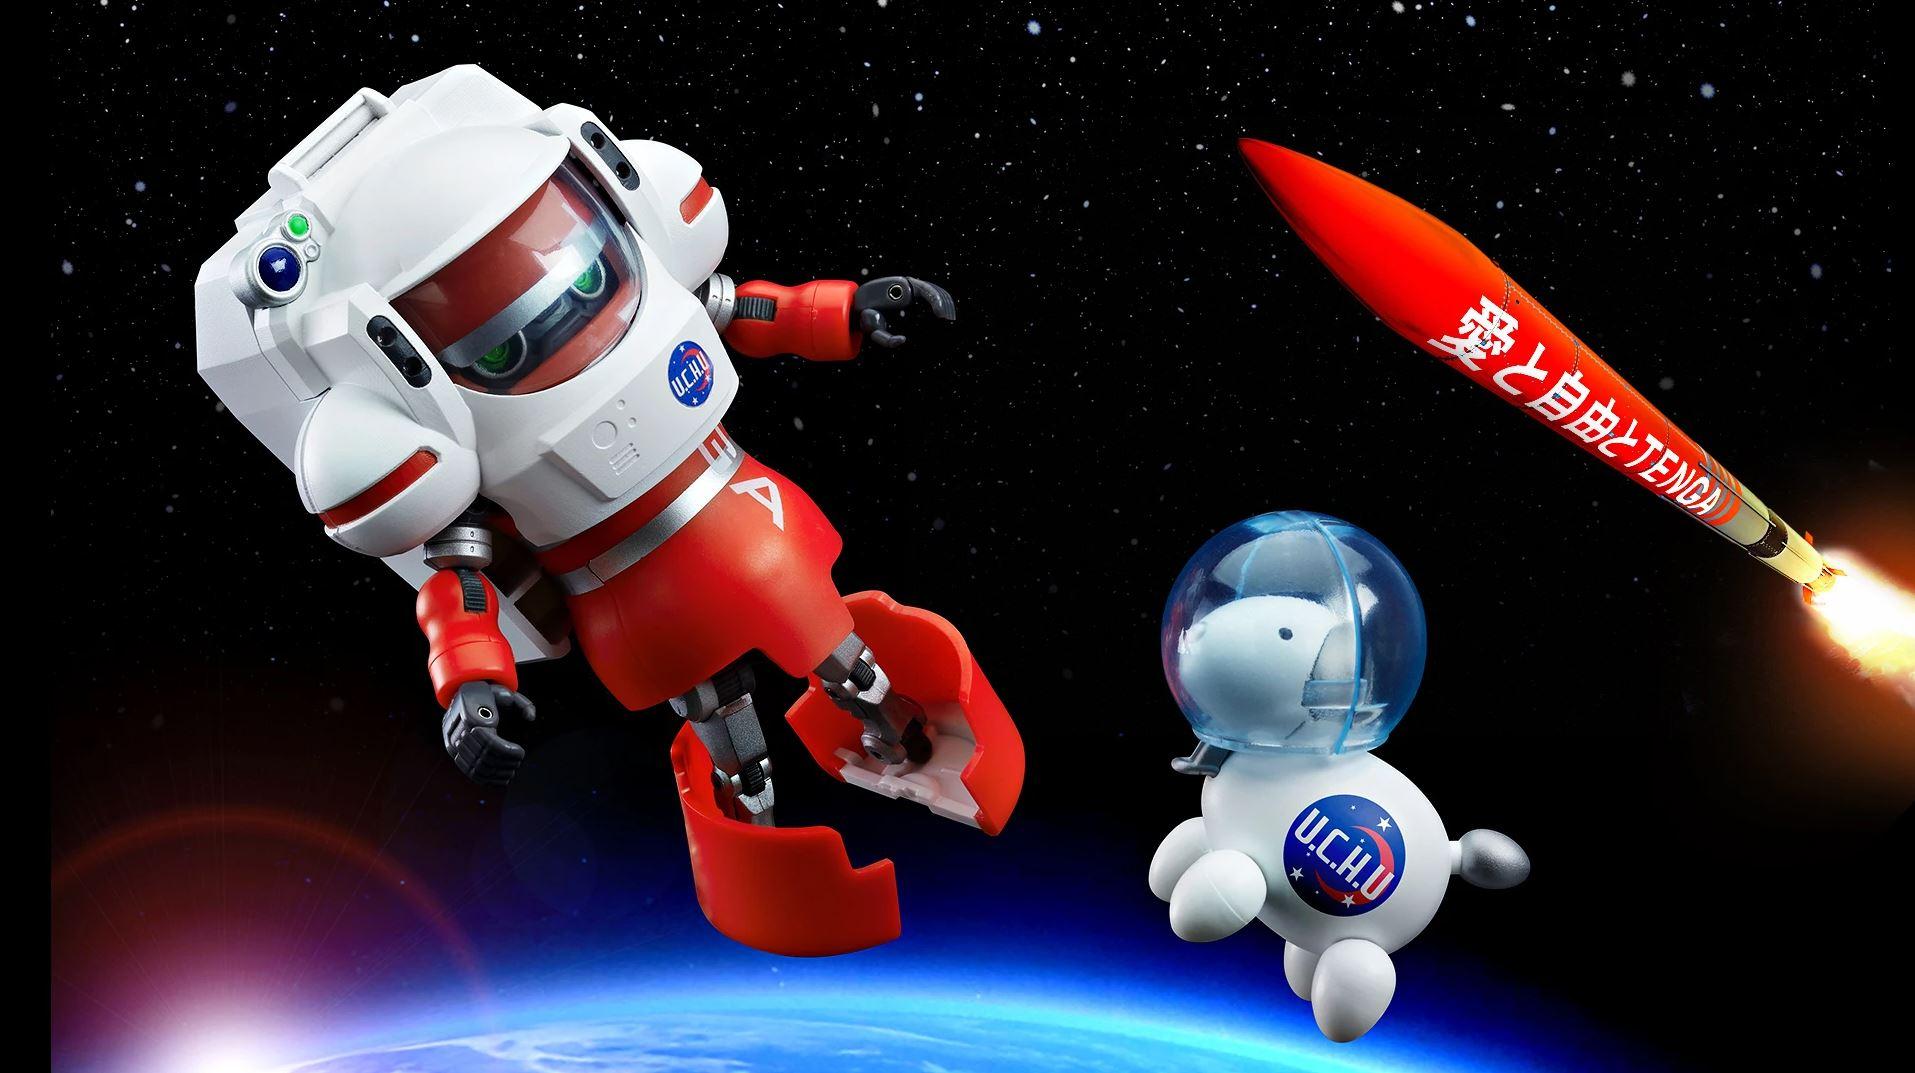 Нажмите выше, чтобы увеличить картинку Interstellar Technologies